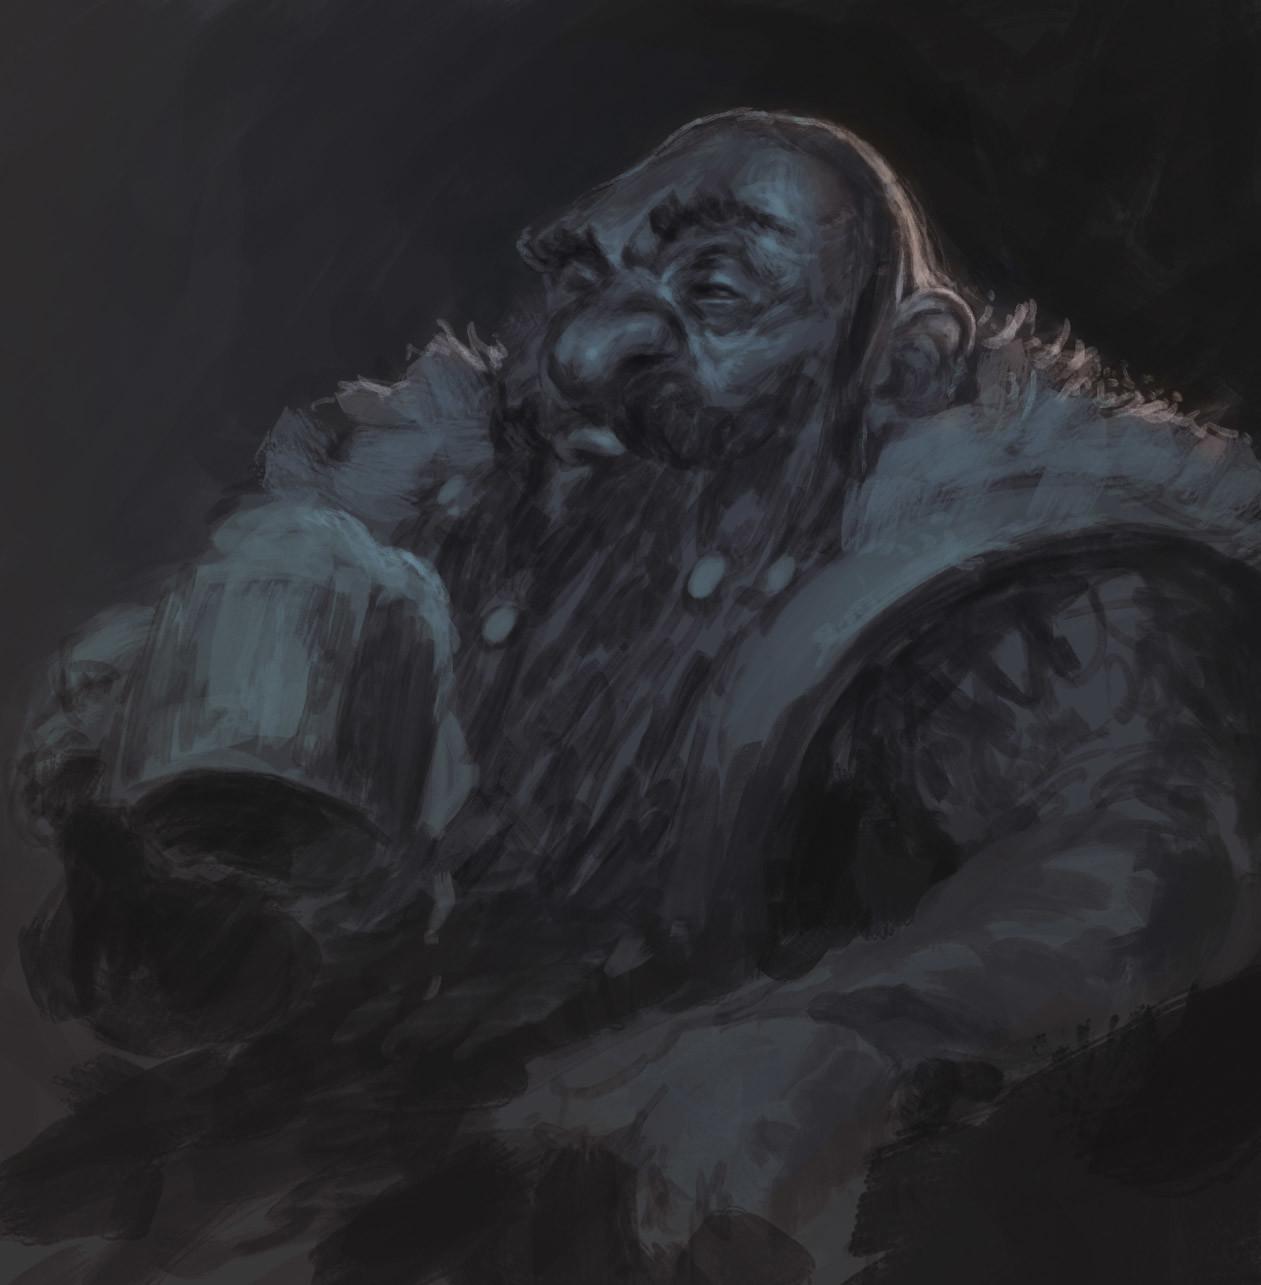 Goblin beerdrinker